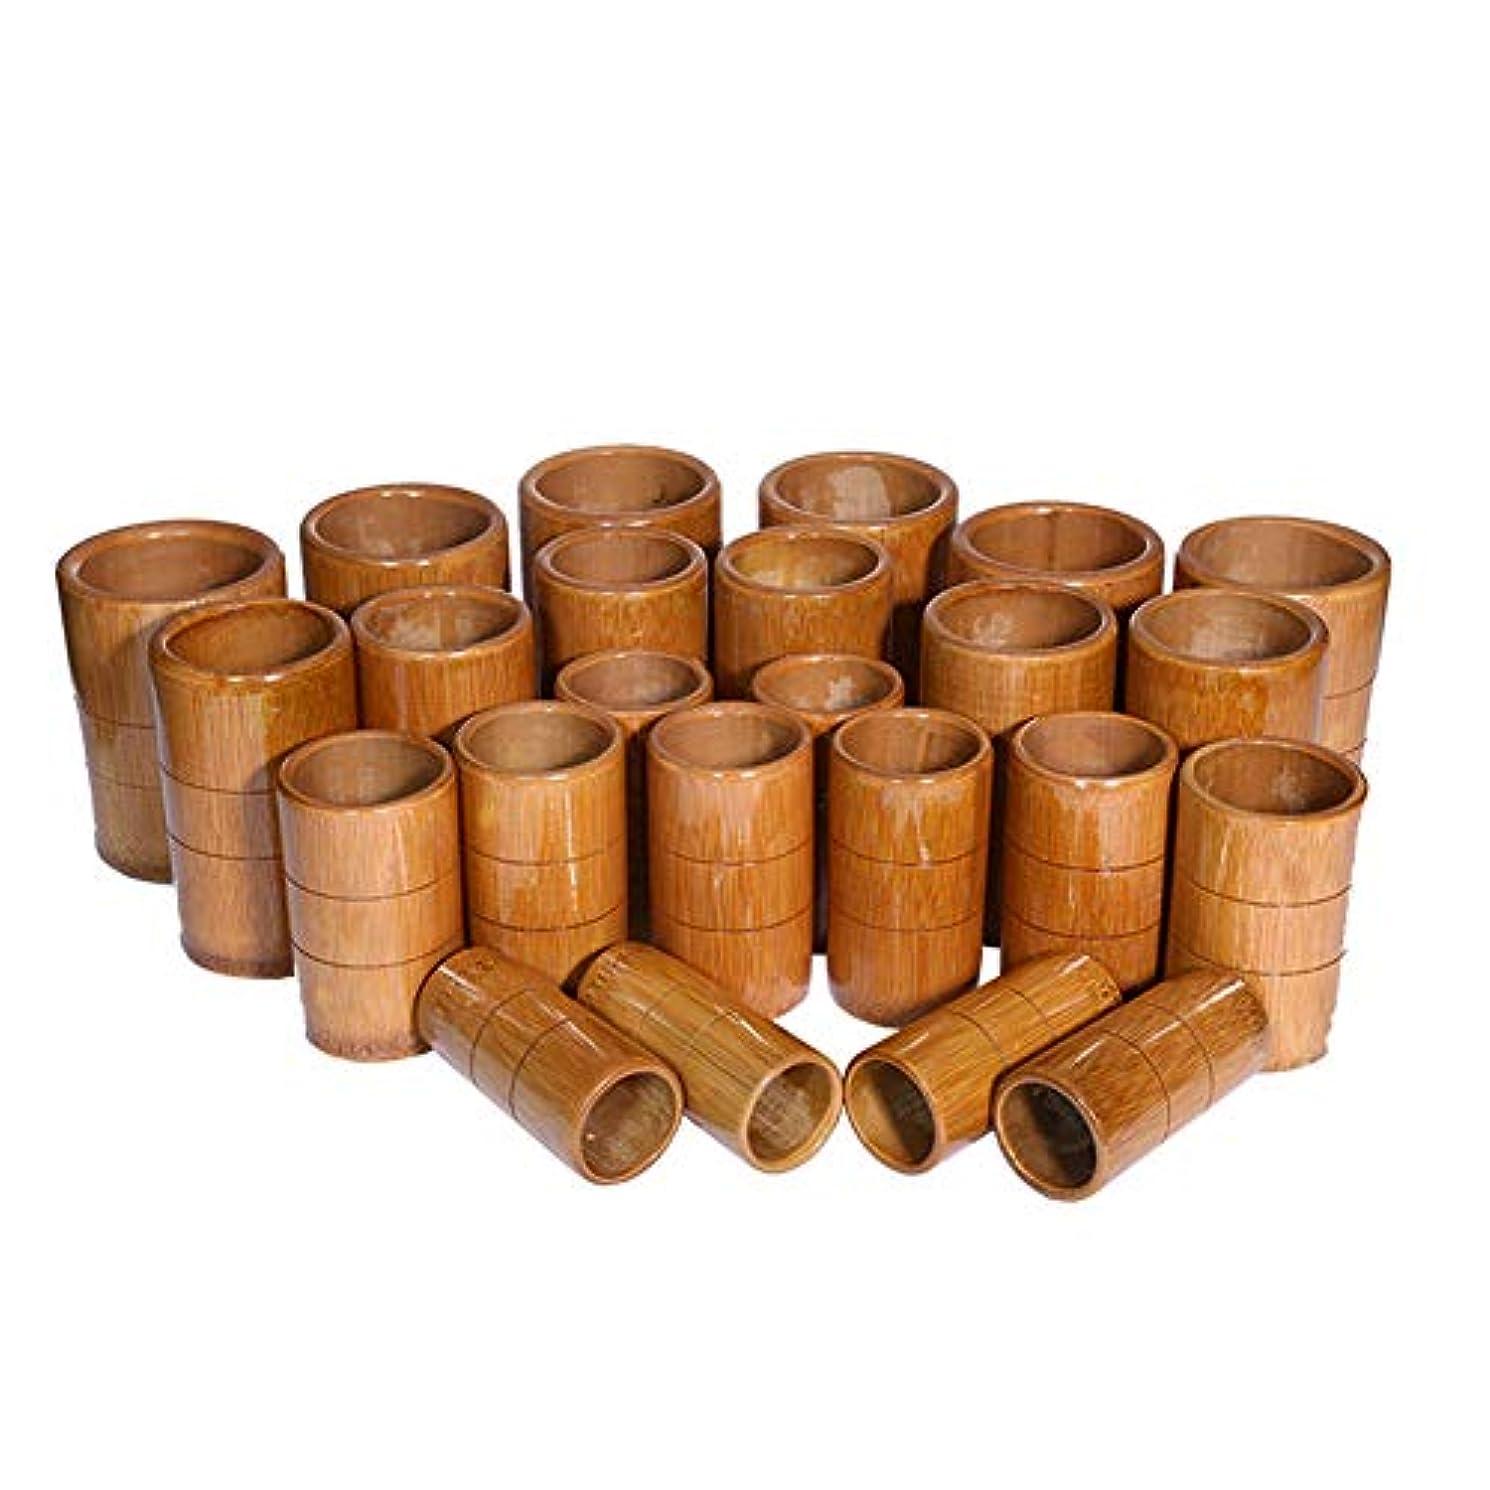 気質味付け衣服マッサージバキュームカップキット - カッピング竹療法セット - 炭缶鍼治療ボディ医療吸引セット,A10pcs